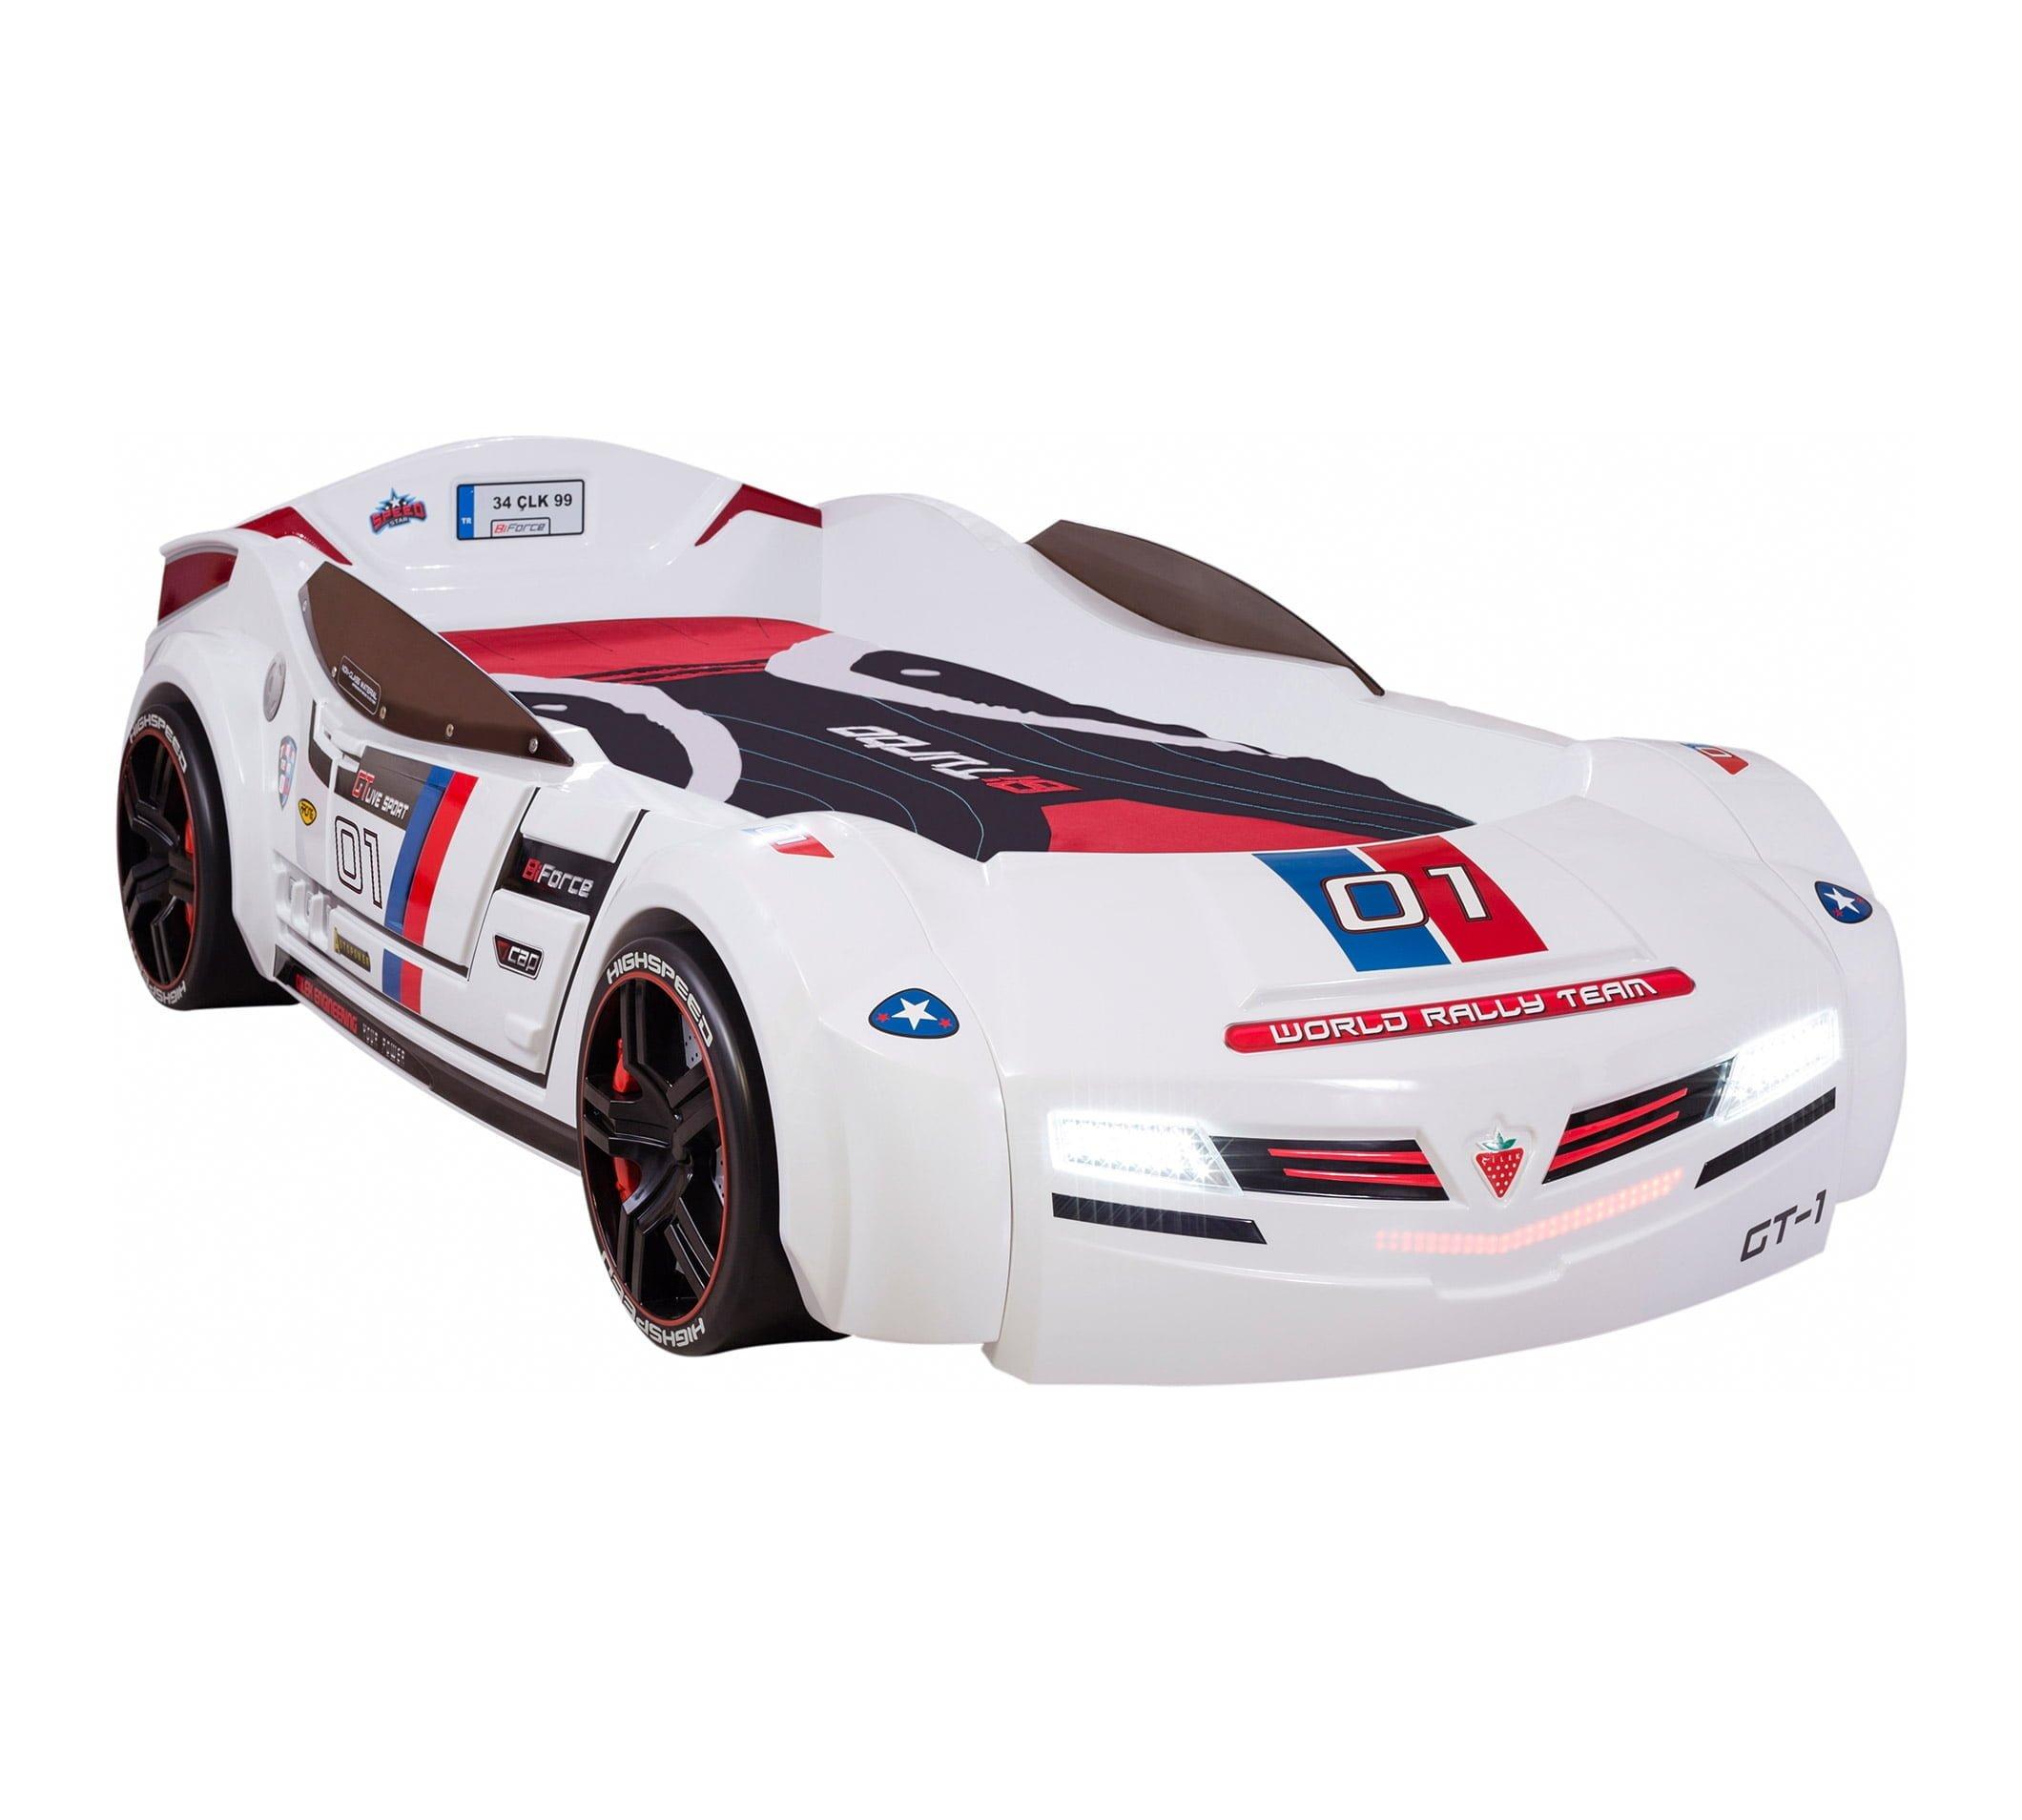 cilek-mobilya-biturbo-araba-karyola Çilek mobilya araba karyola modelleri